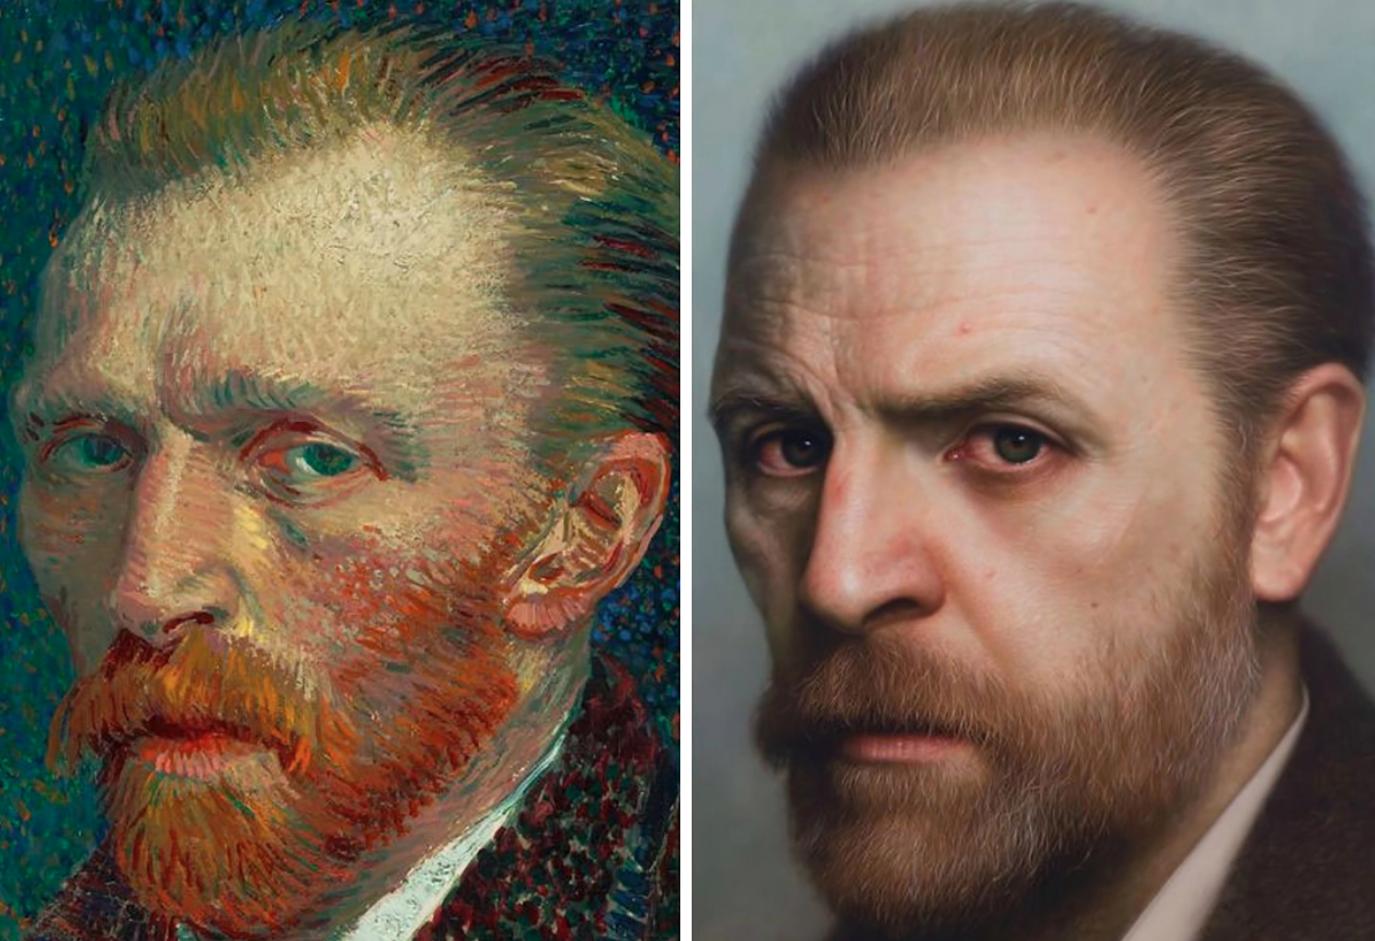 Chiêm ngưỡng những chân dung nổi tiếng được vẽ lại bằng phong cách cực thực (hyperrealistic) - 5